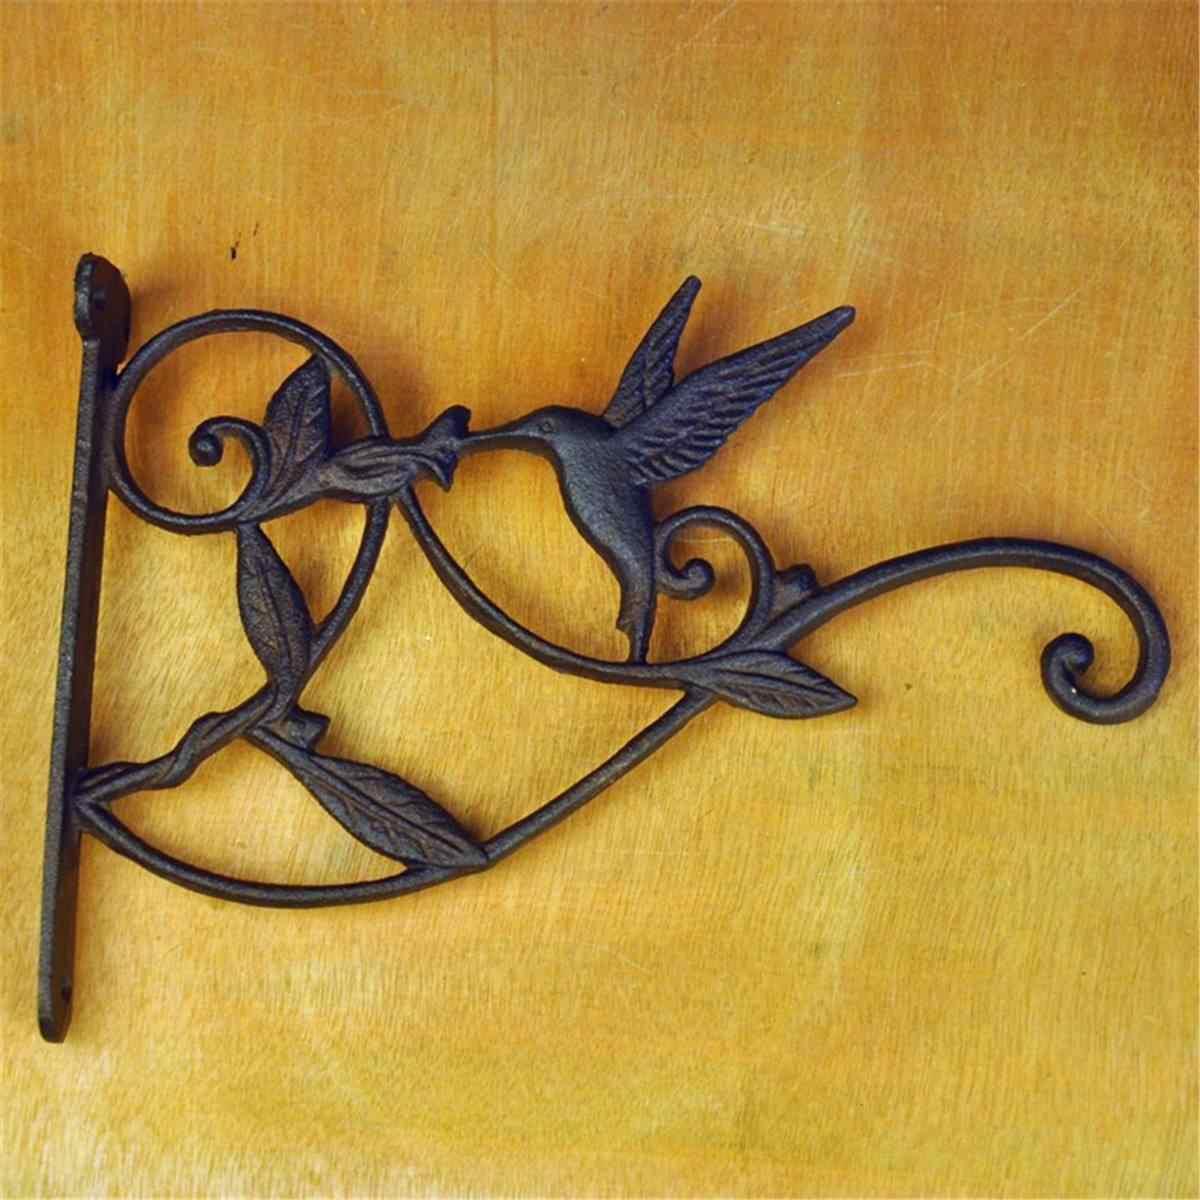 Уличный садовый горшок, черный Кронштейн для колокольчиков, Чугунные Садовые подвесные крючки для корзин, вЕтряный фонарь, Настенный декор